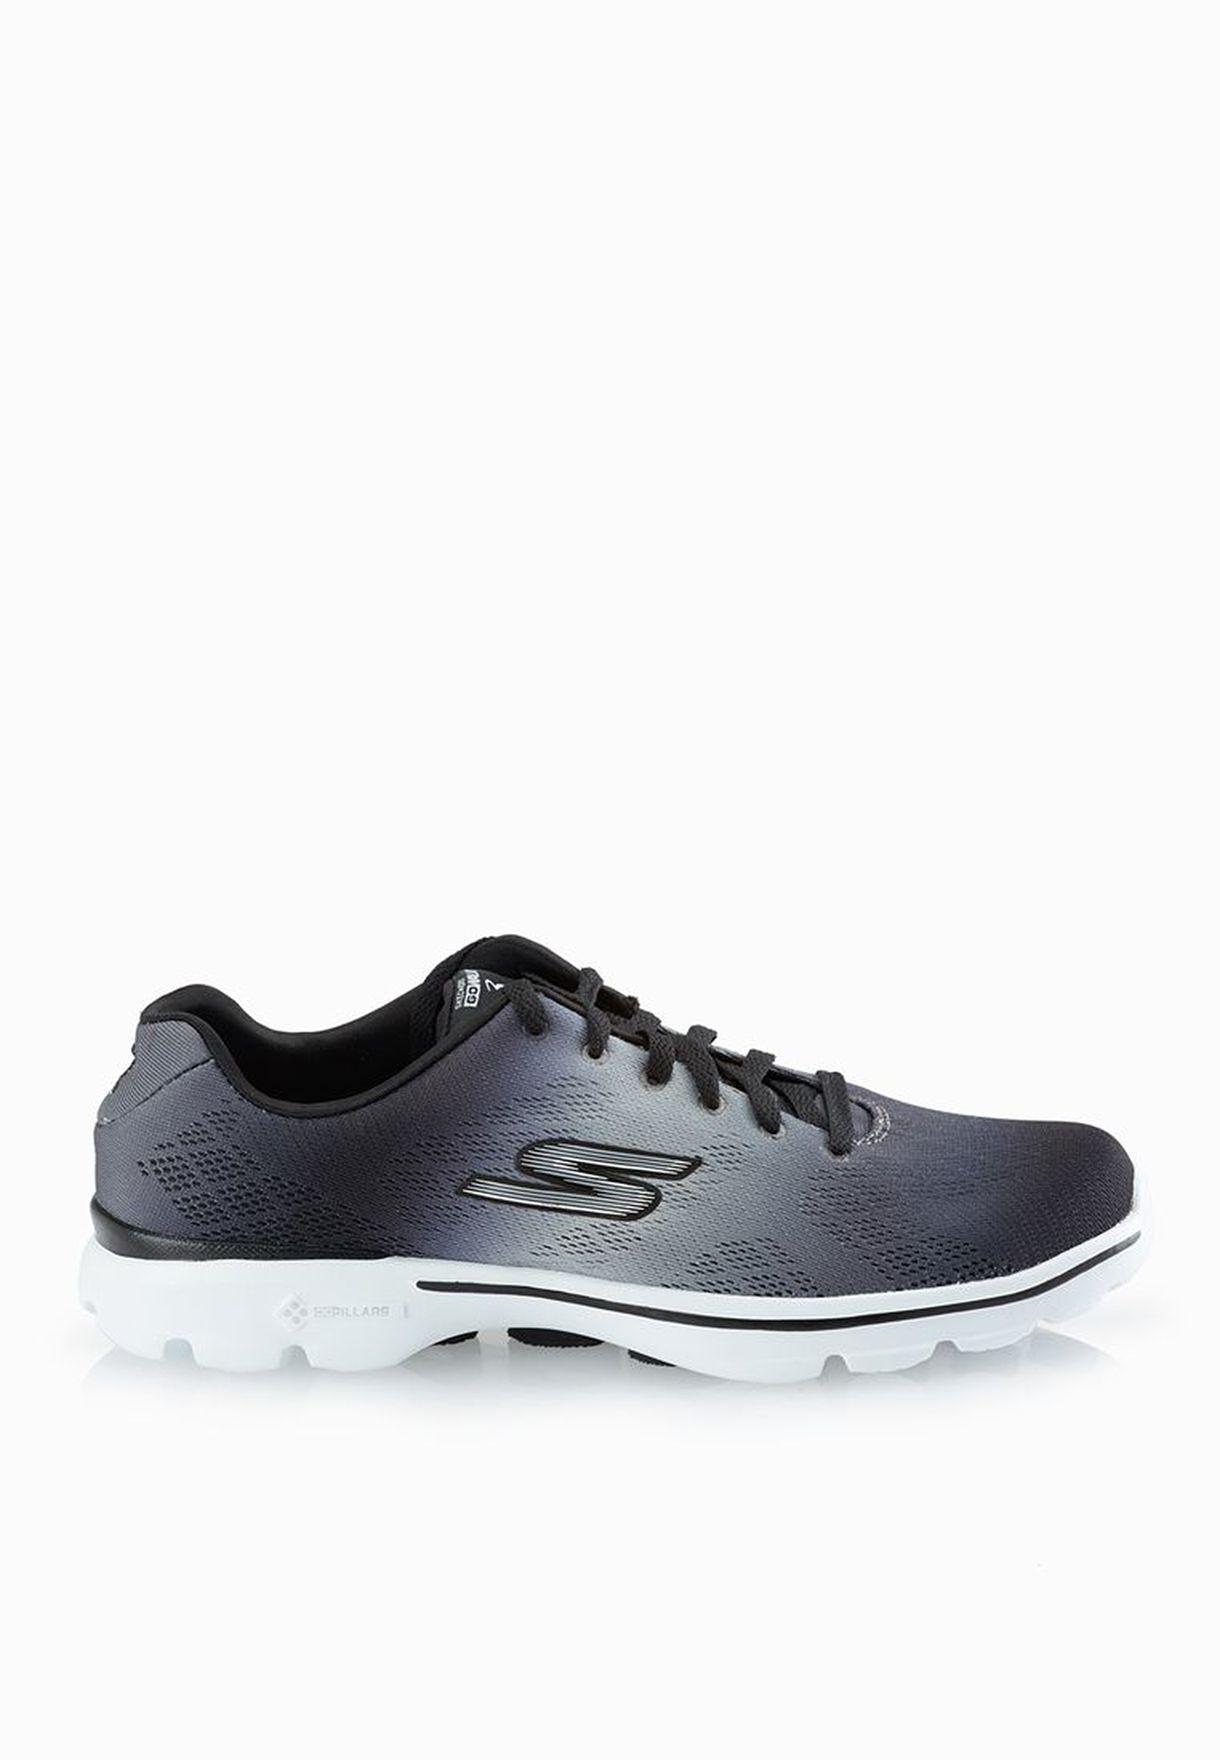 759cd2bd7 تسوق حذاء Go Walk 3 Pulse ماركة سكيتشرز لون رمادي 14032-BKW في قطر ...